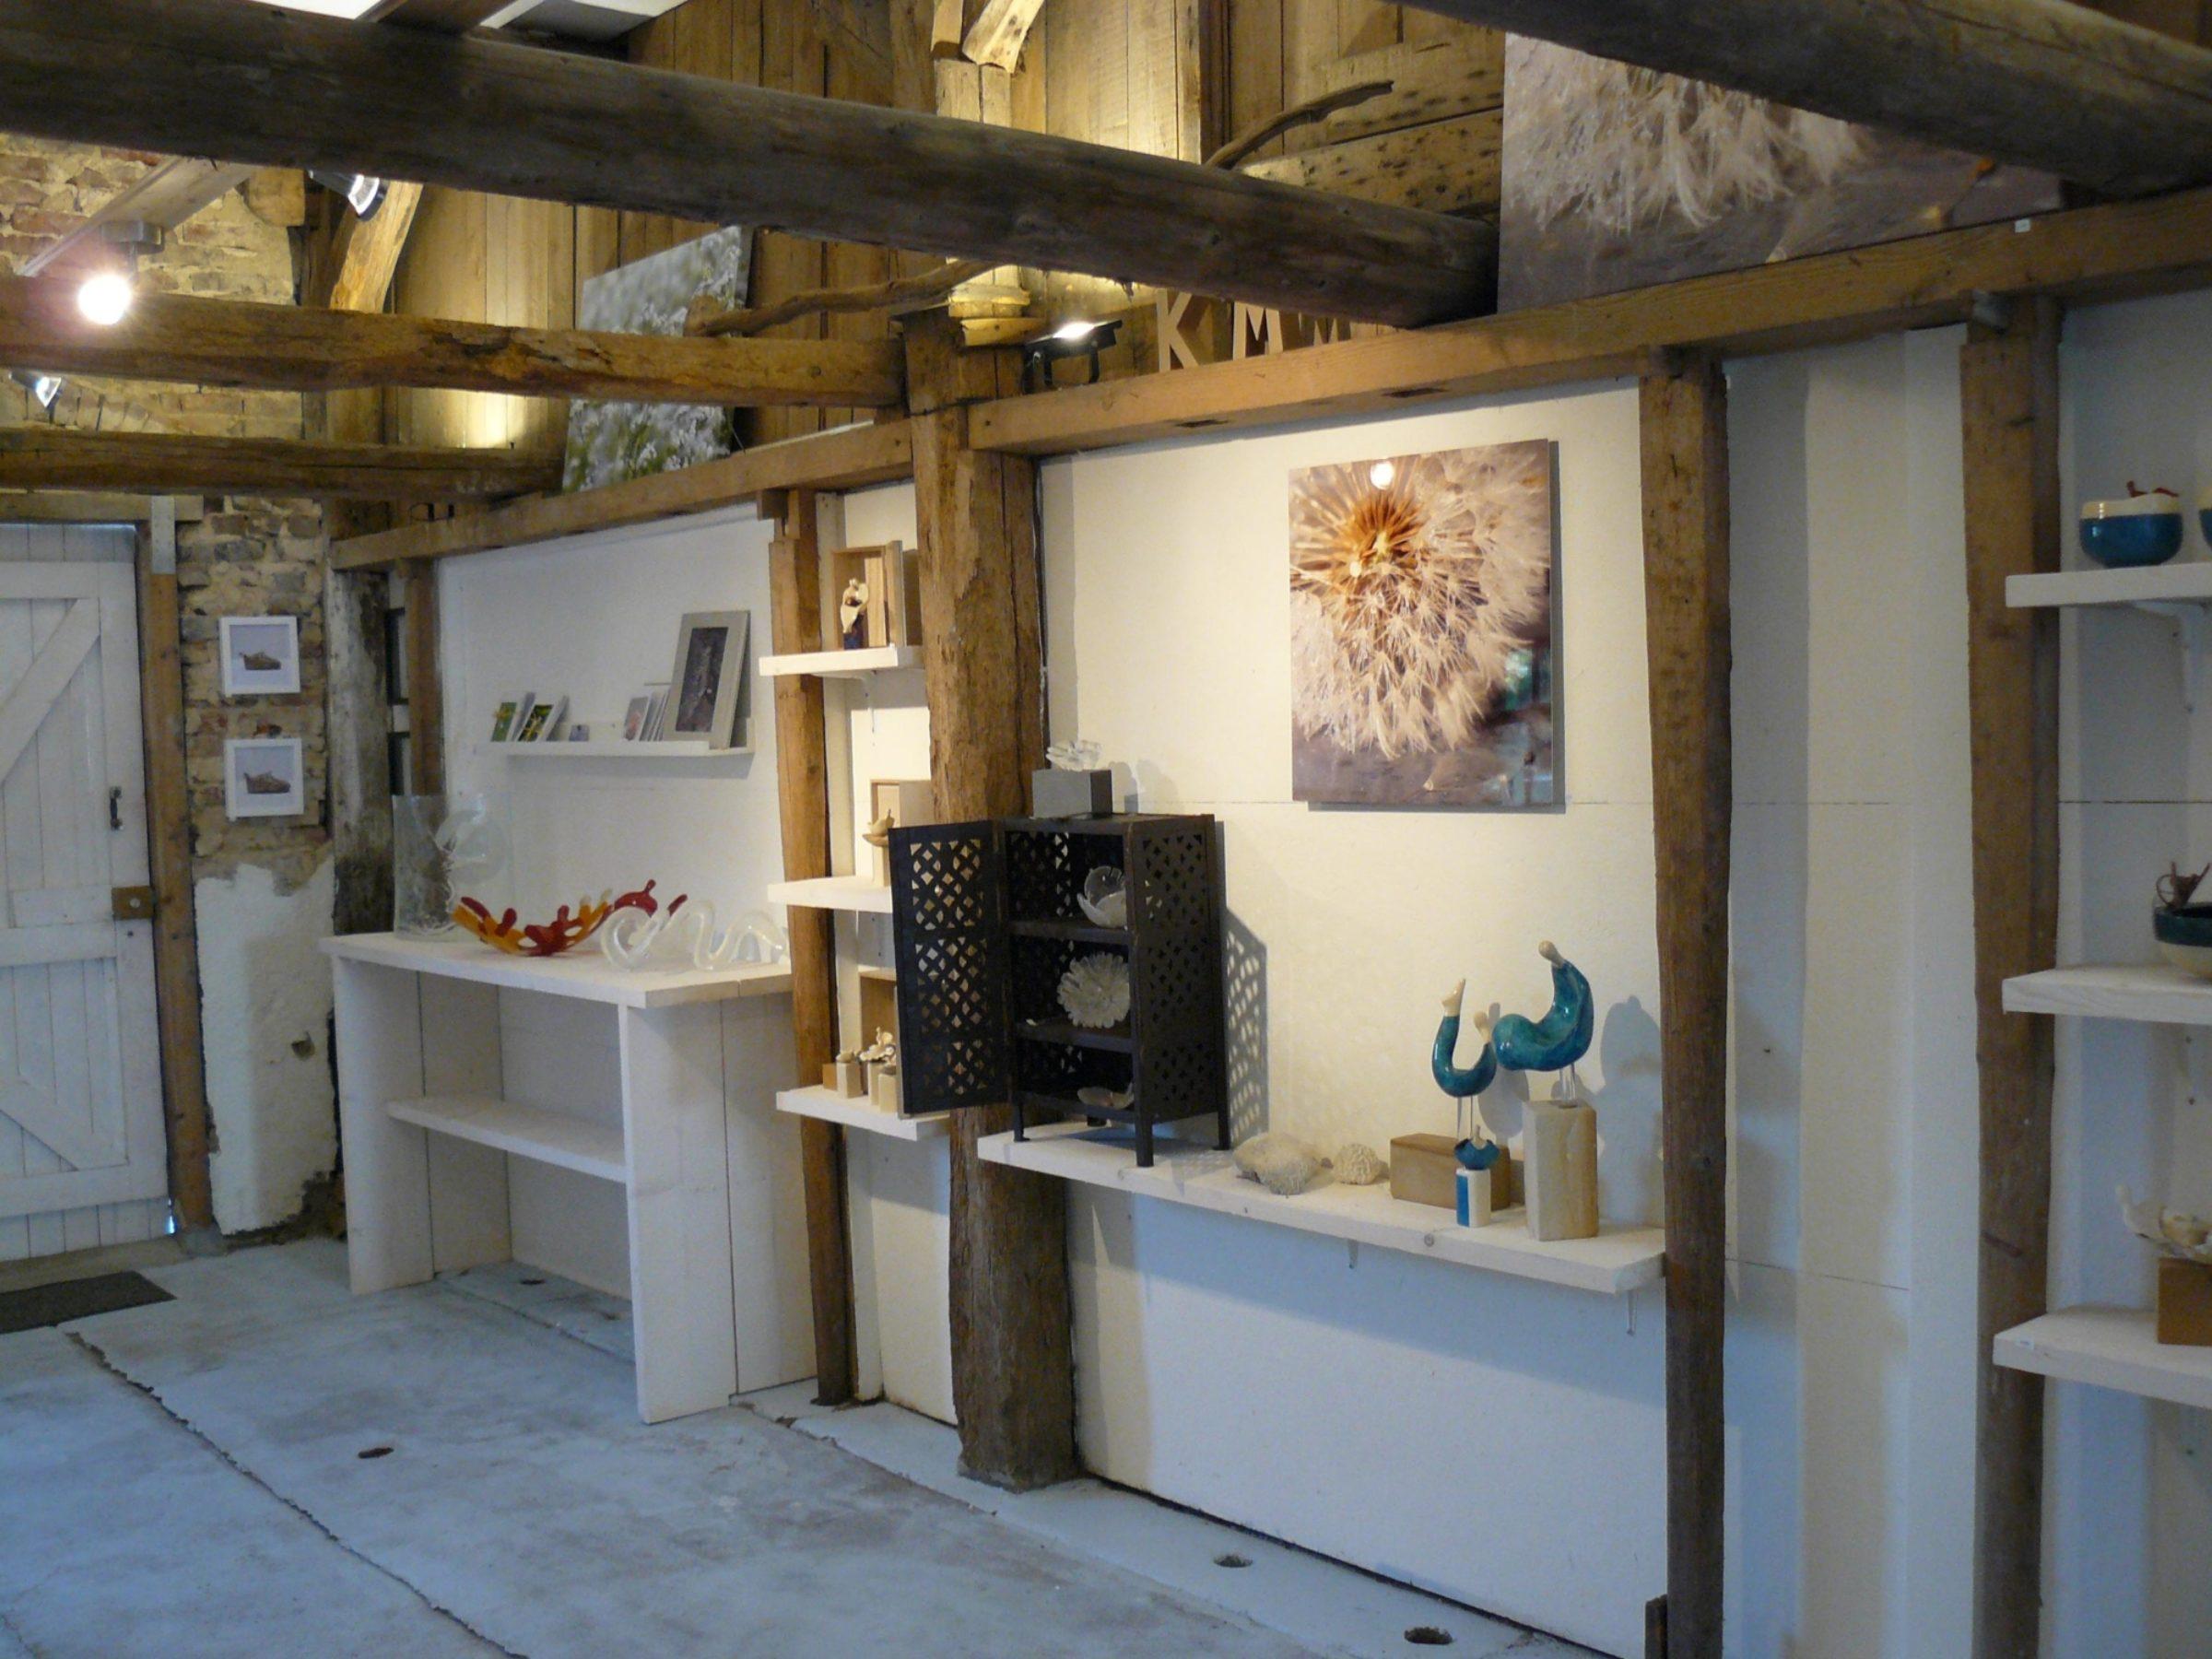 Studio Wijnand